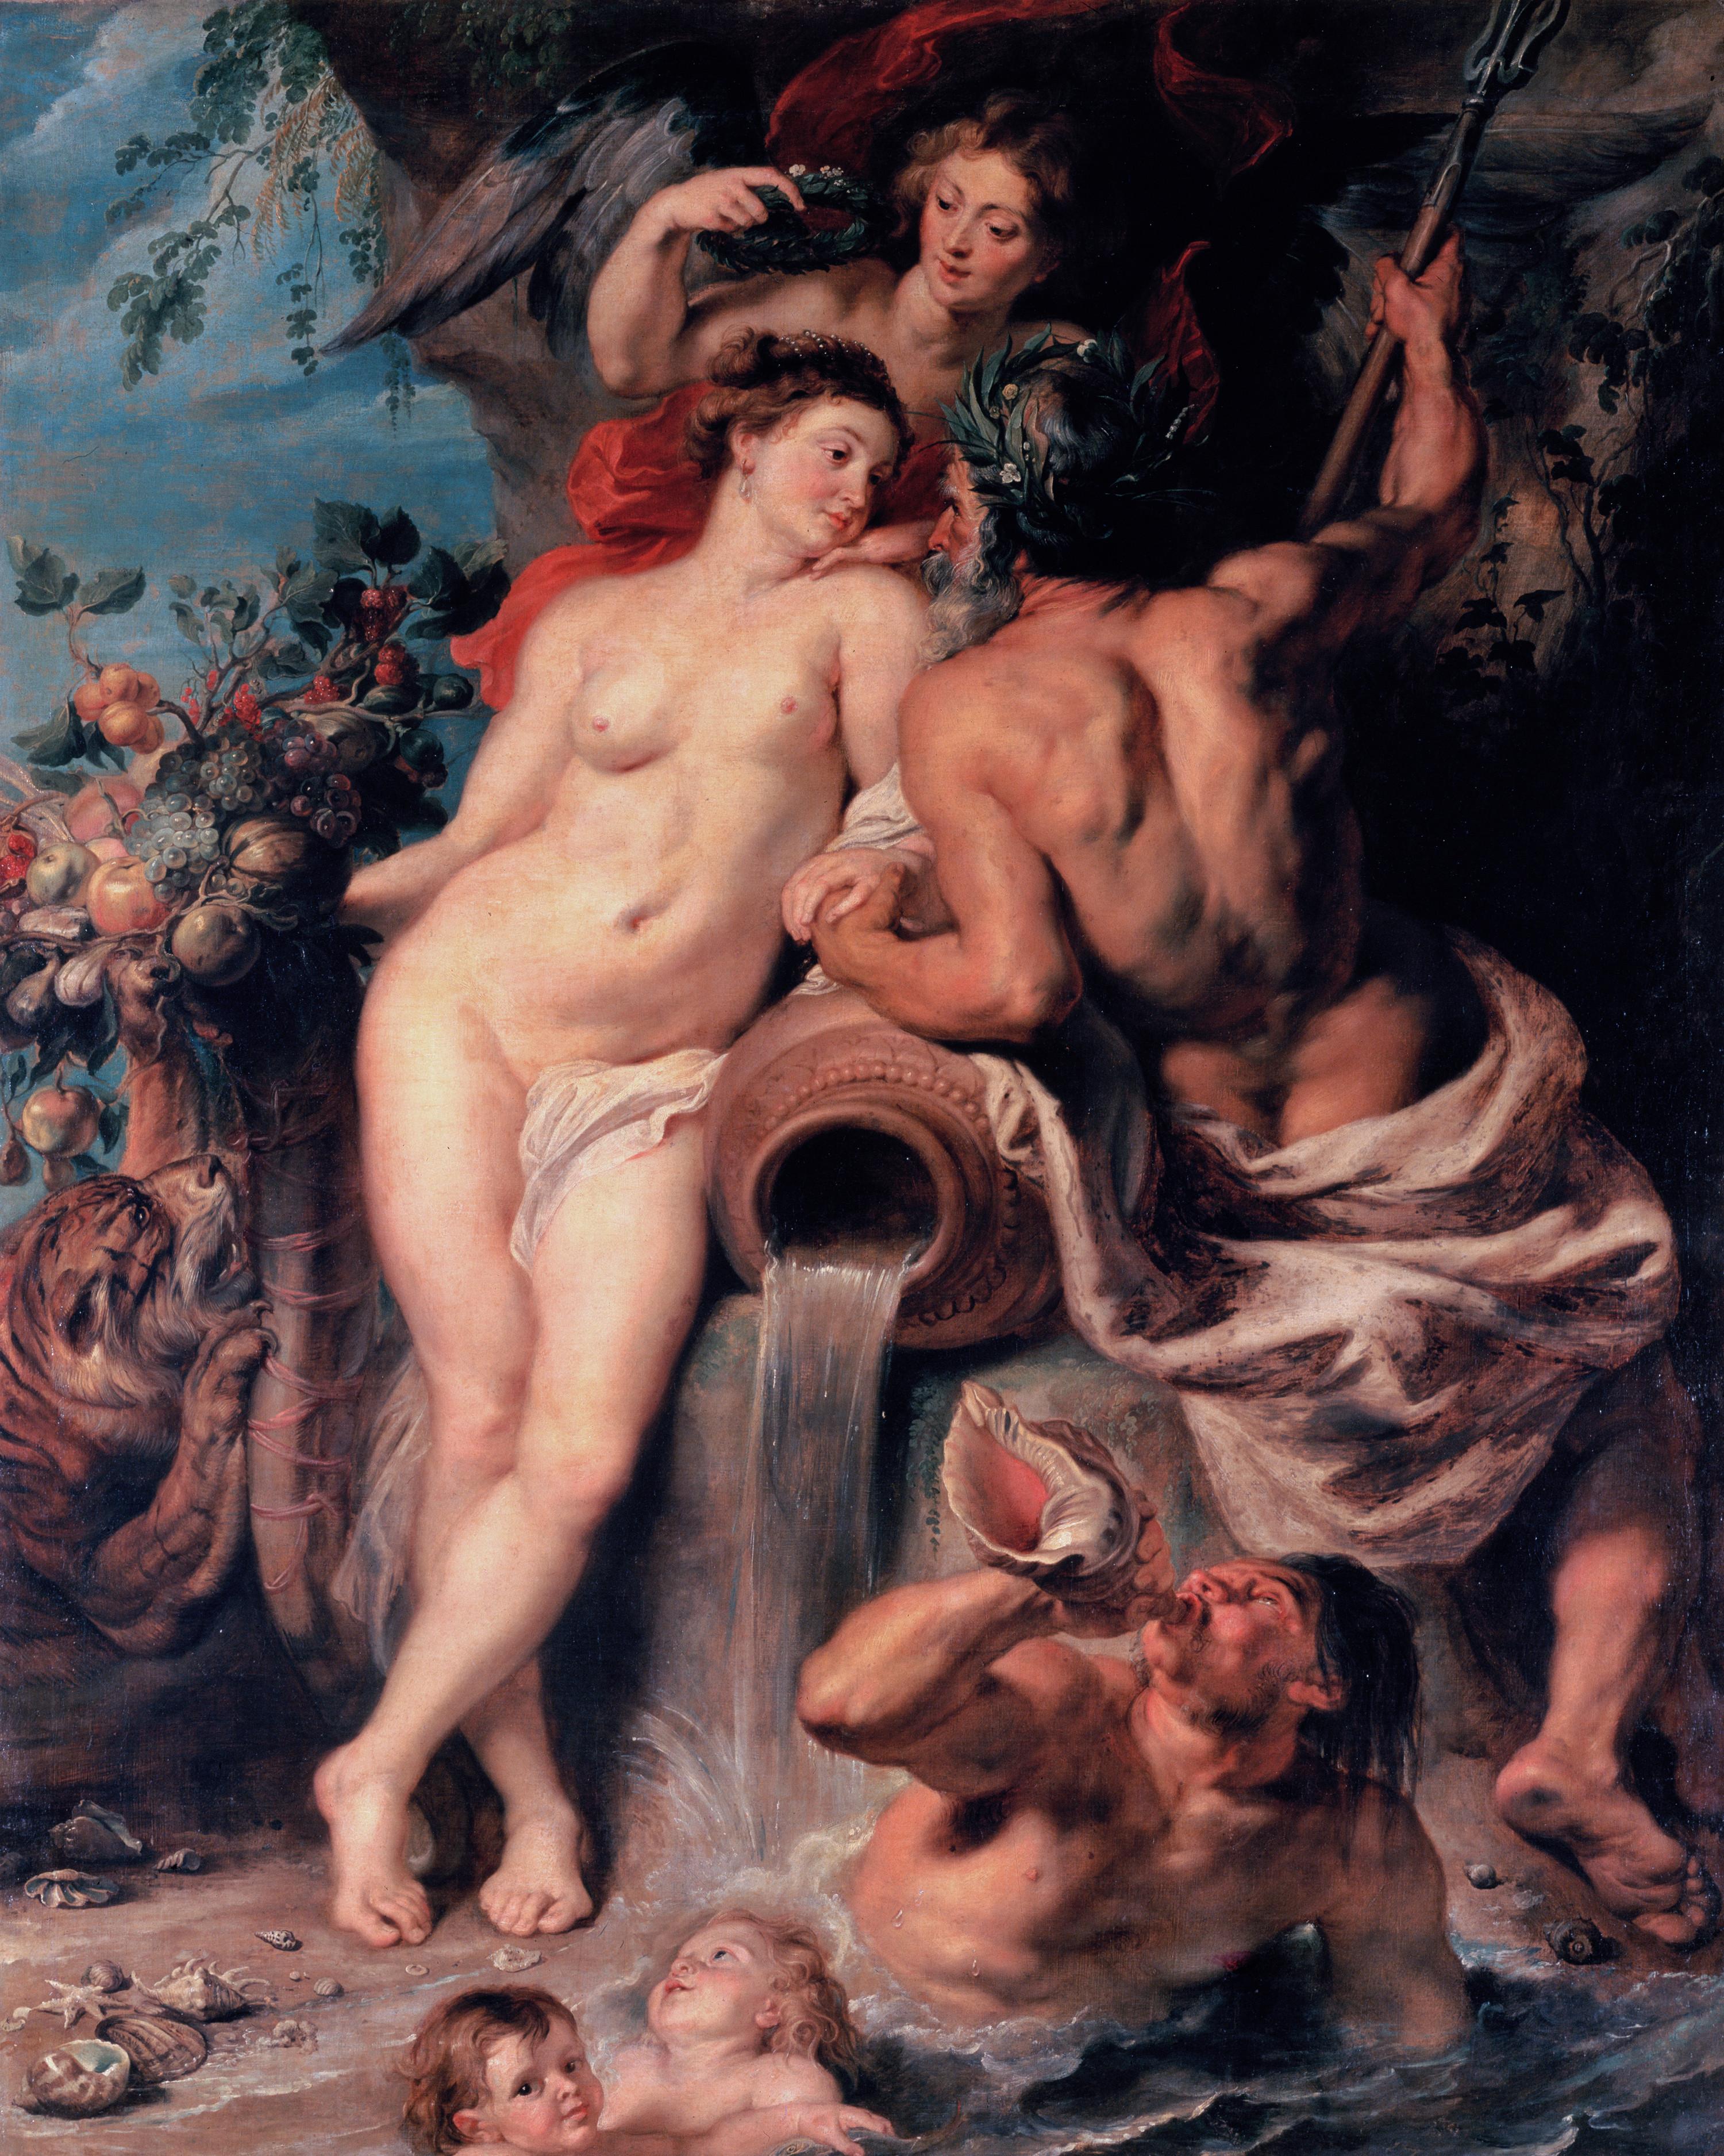 https://upload.wikimedia.org/wikipedia/commons/b/b2/Rubens%2C_de_vereniging_van_aarde_en_water.jpg